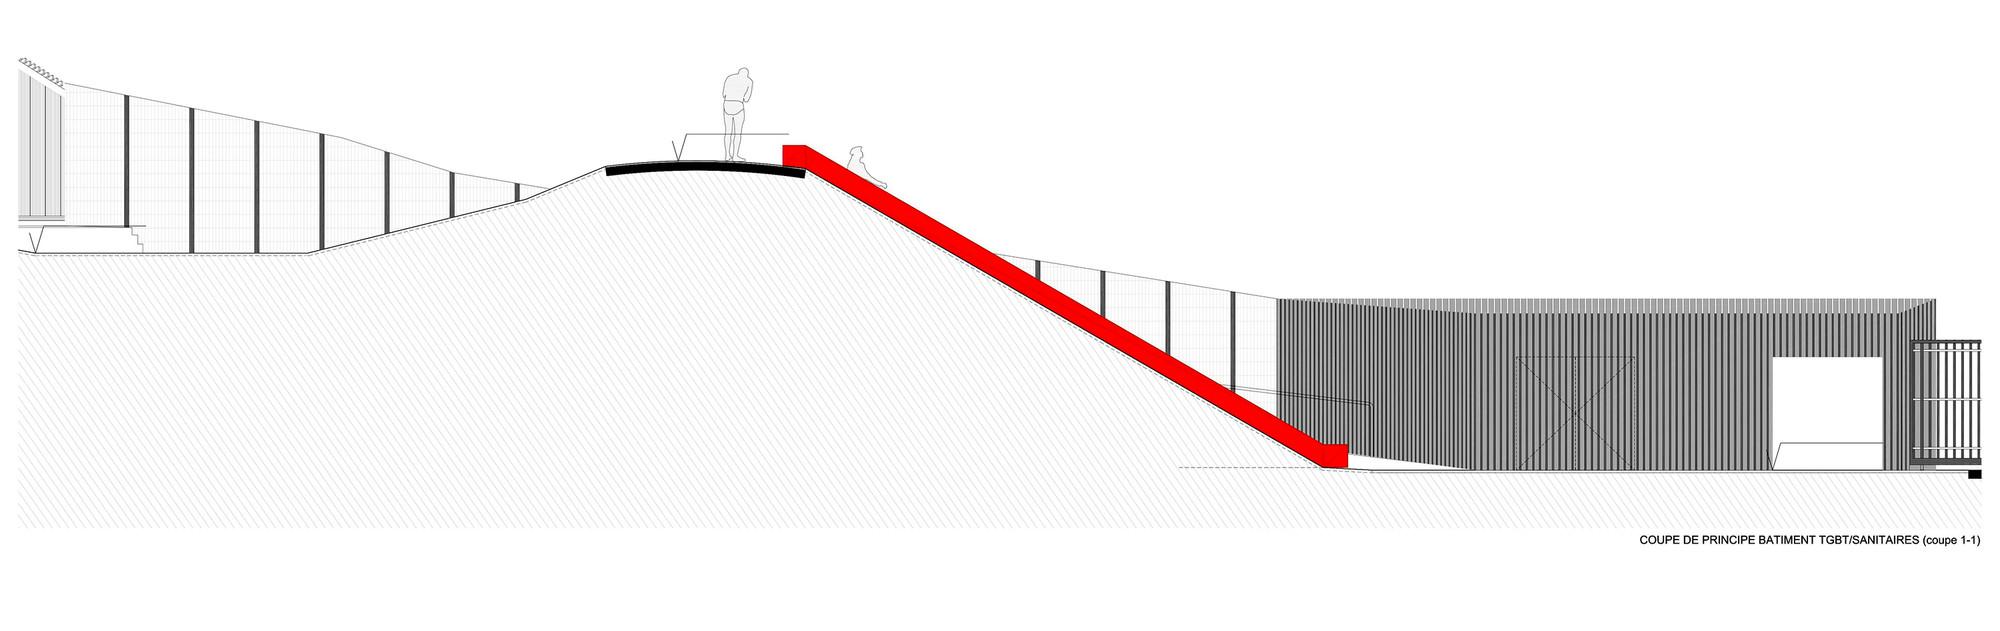 galeria de piscina th tre d 39 eau log architectes 30. Black Bedroom Furniture Sets. Home Design Ideas